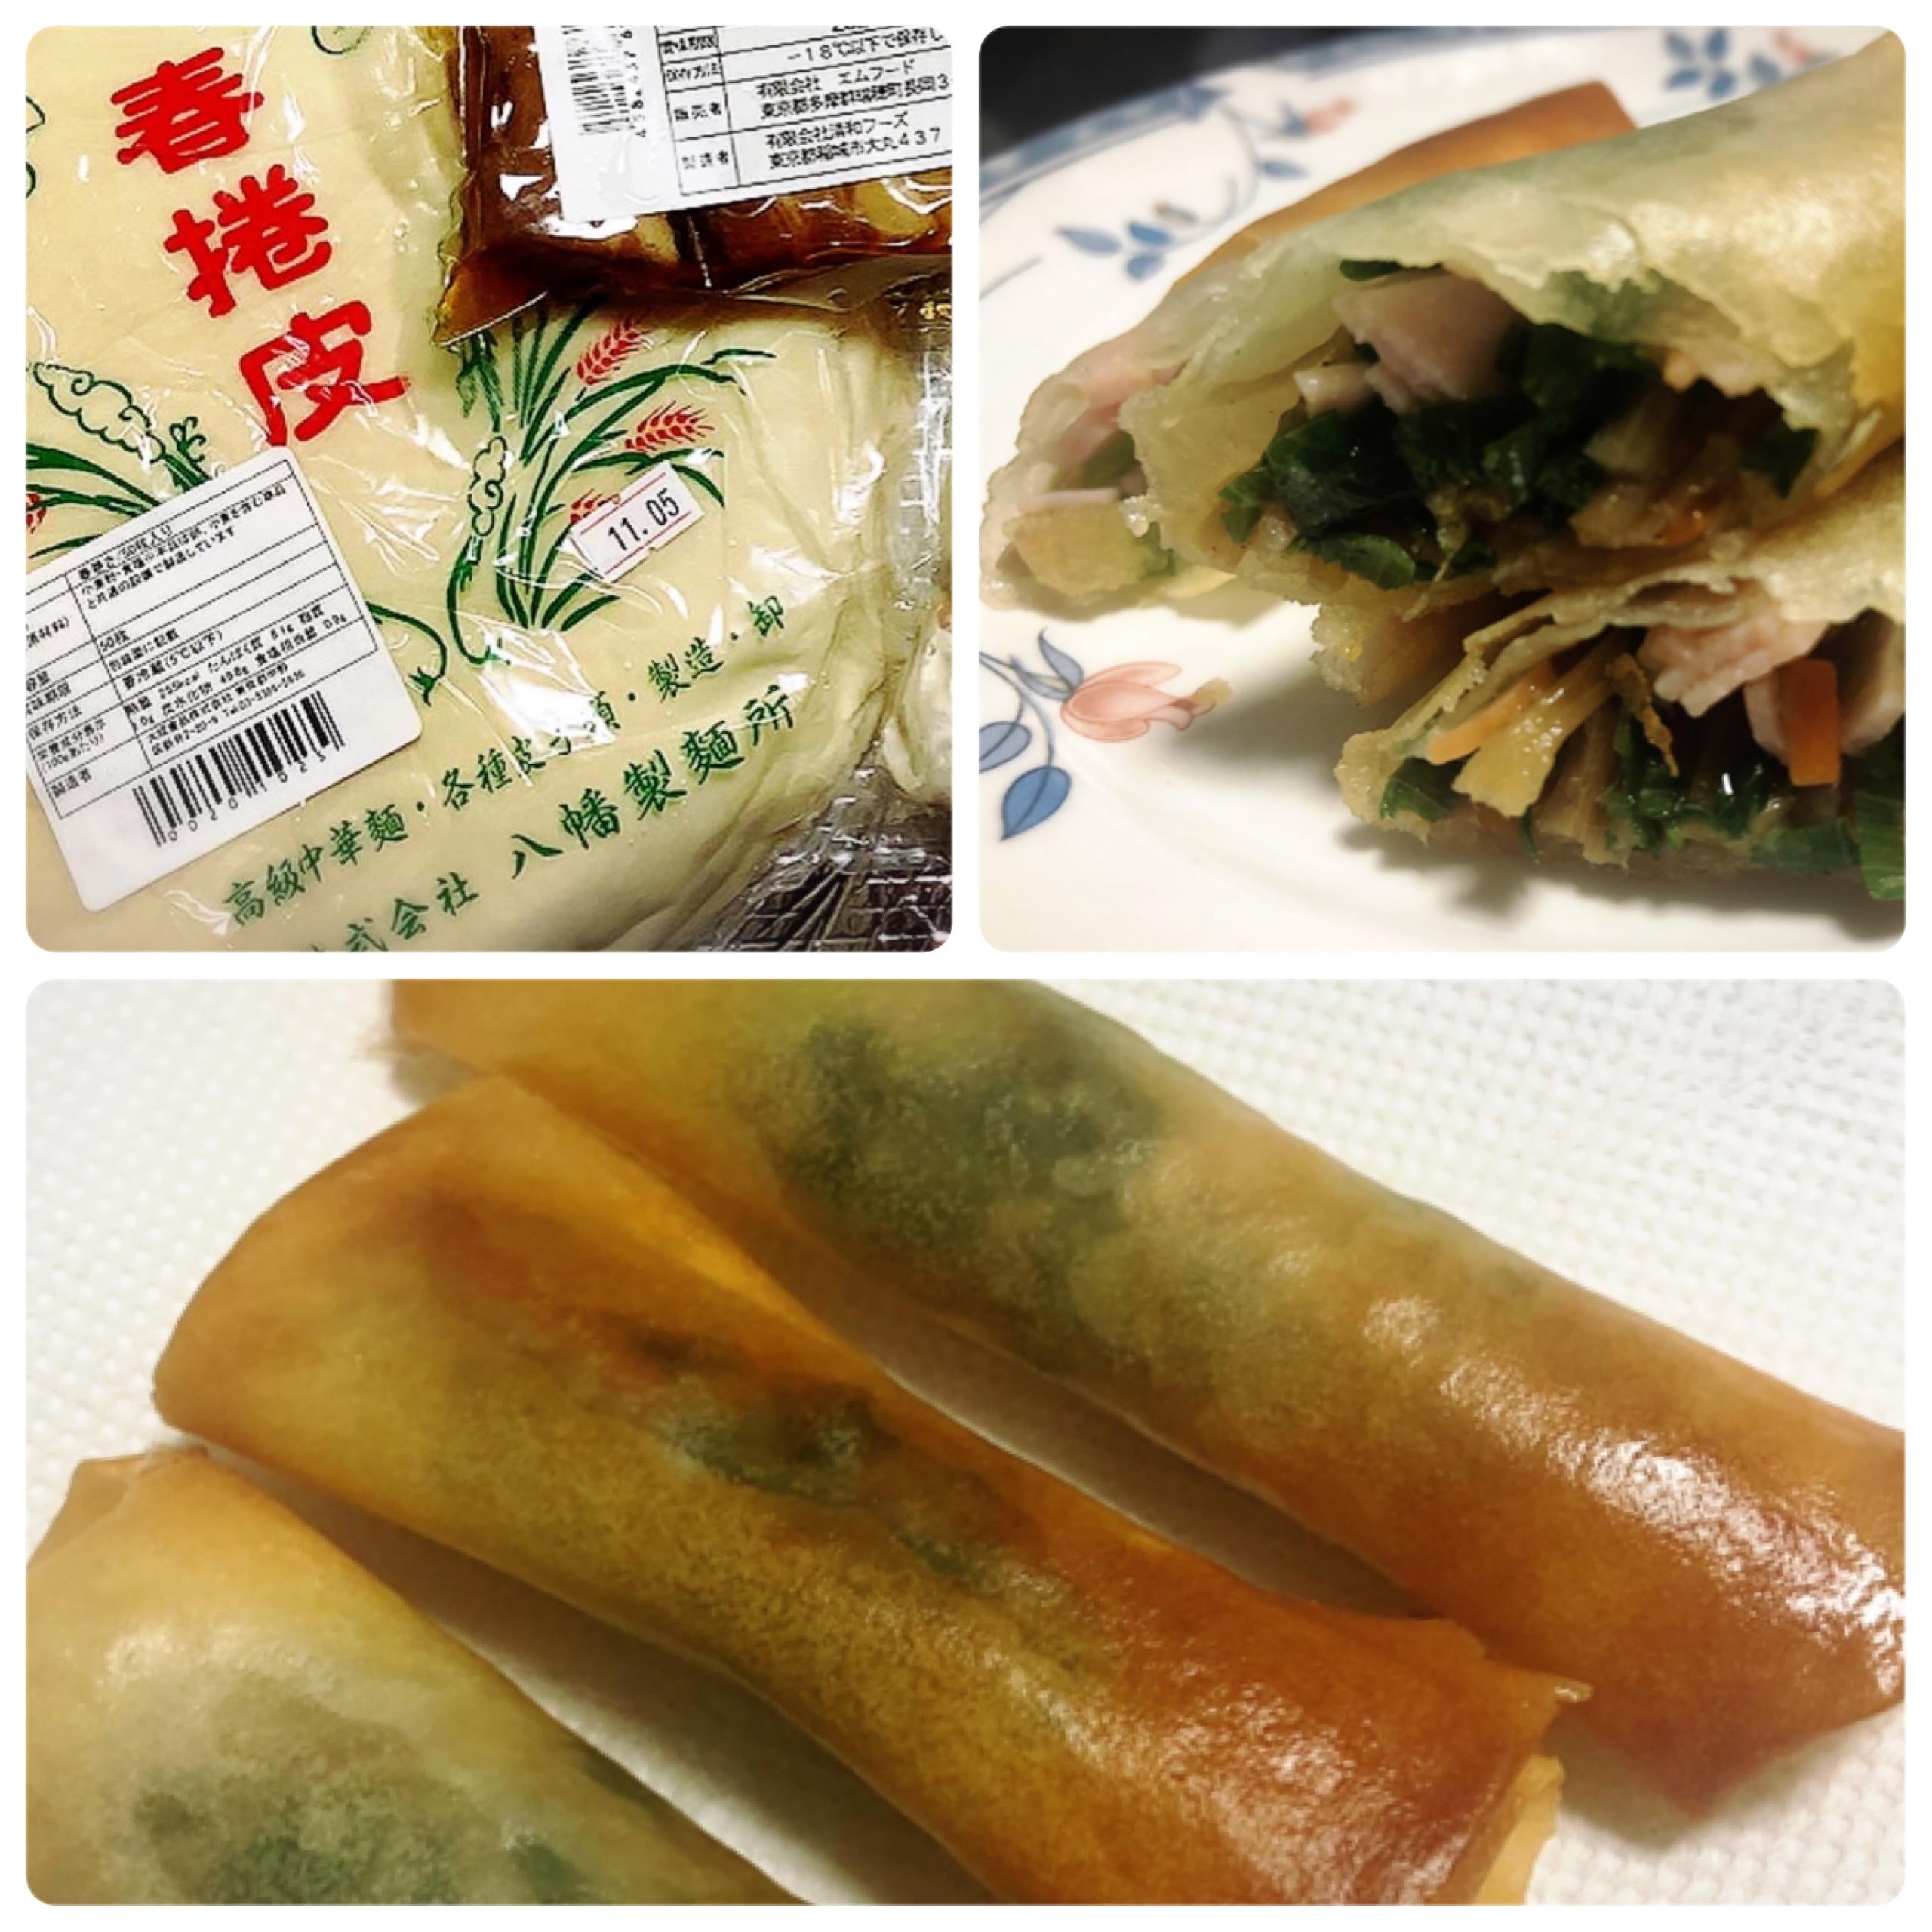 八幡製麺所 春巻き